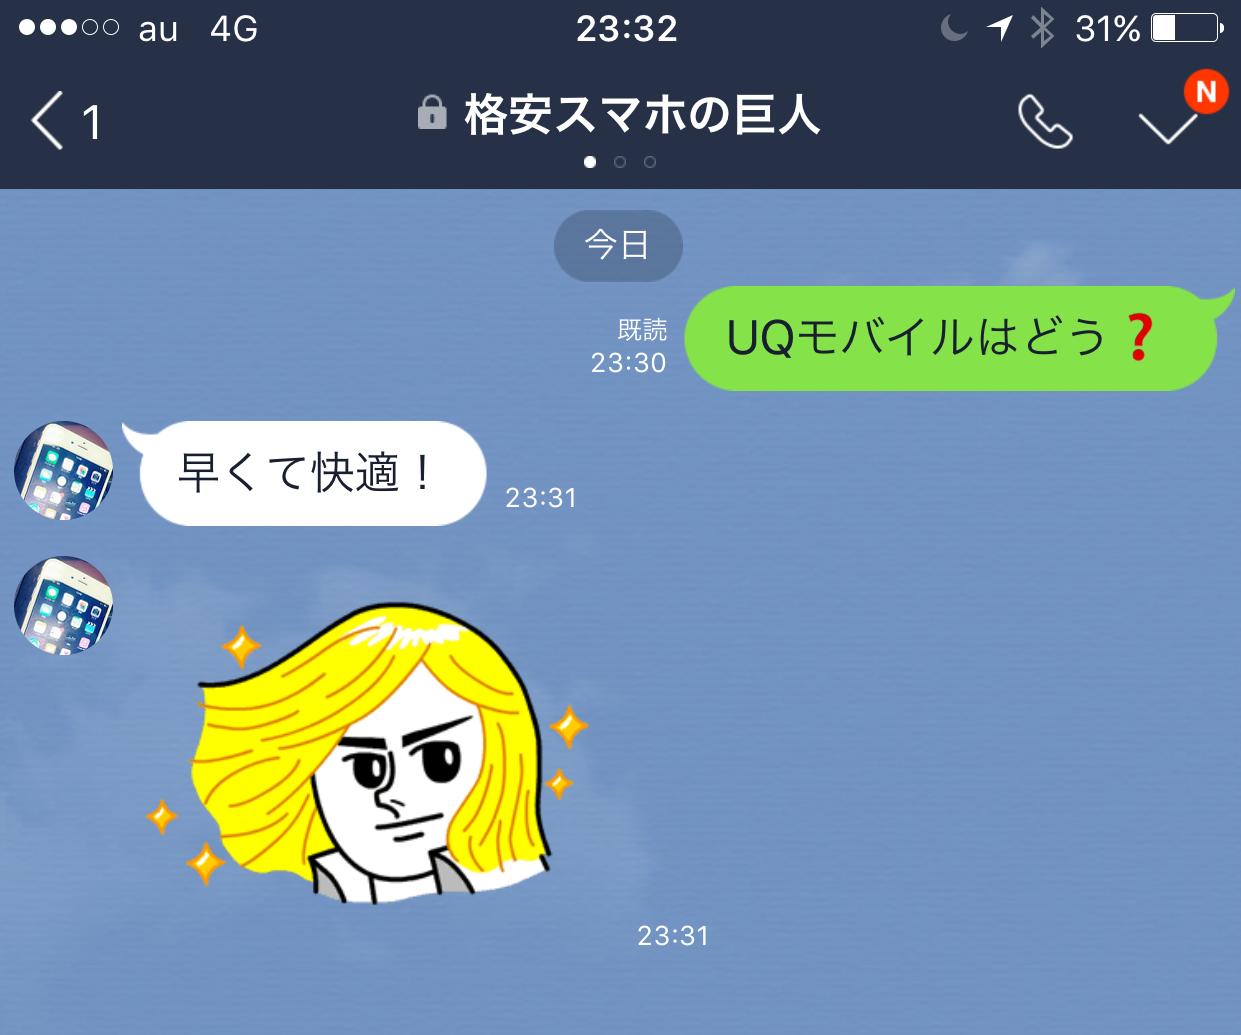 UQモバイルでLINE